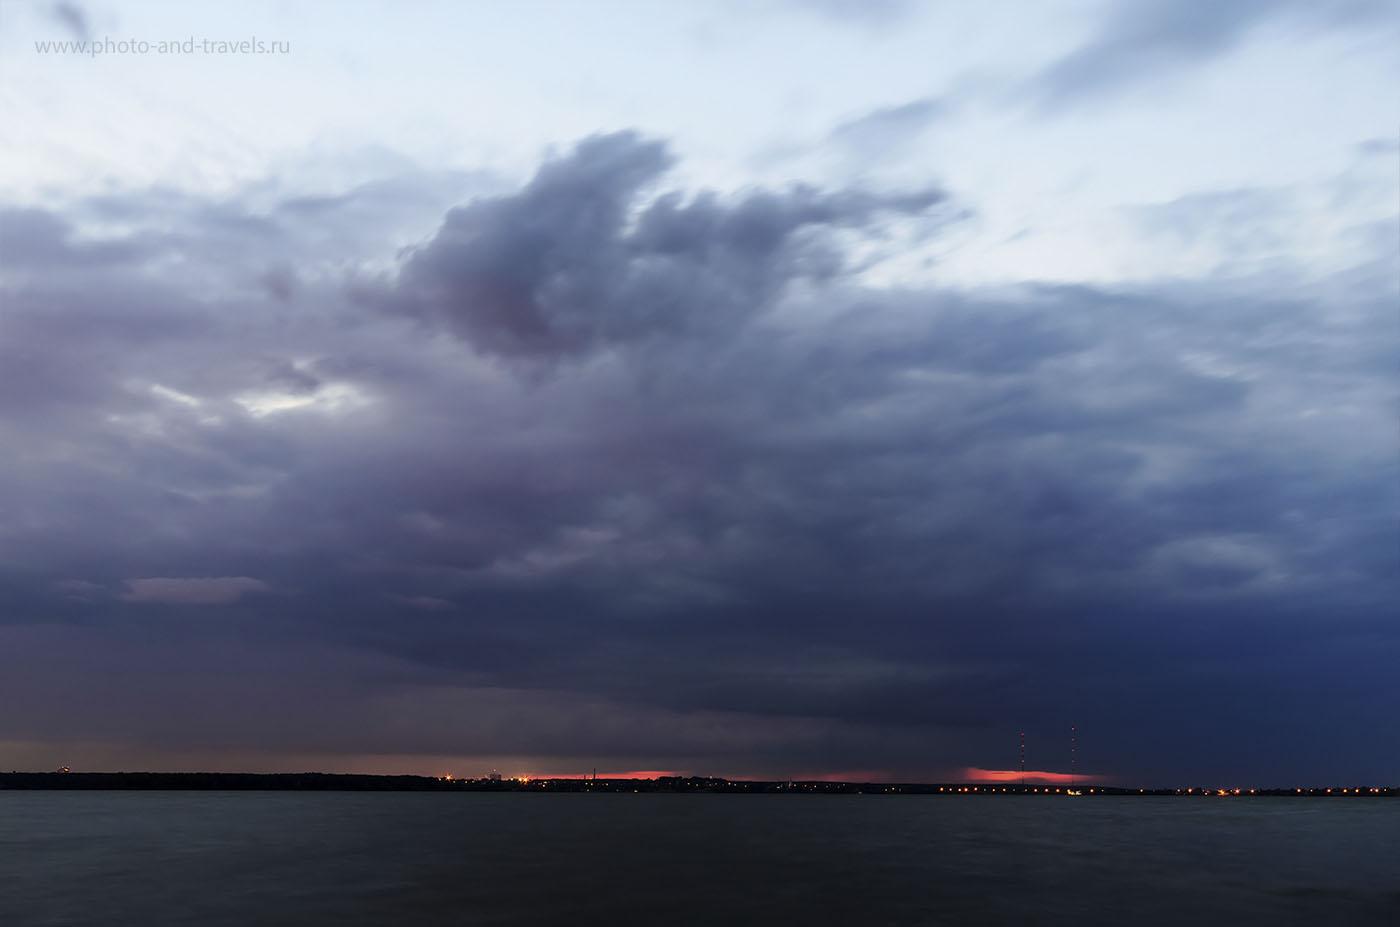 3. Низкие облака закрывают путь солнечным лучам, предотвращая красивый закат. Nikon D5100, ширик Samyang 14/2.8. Фото обработано, как tonemapping